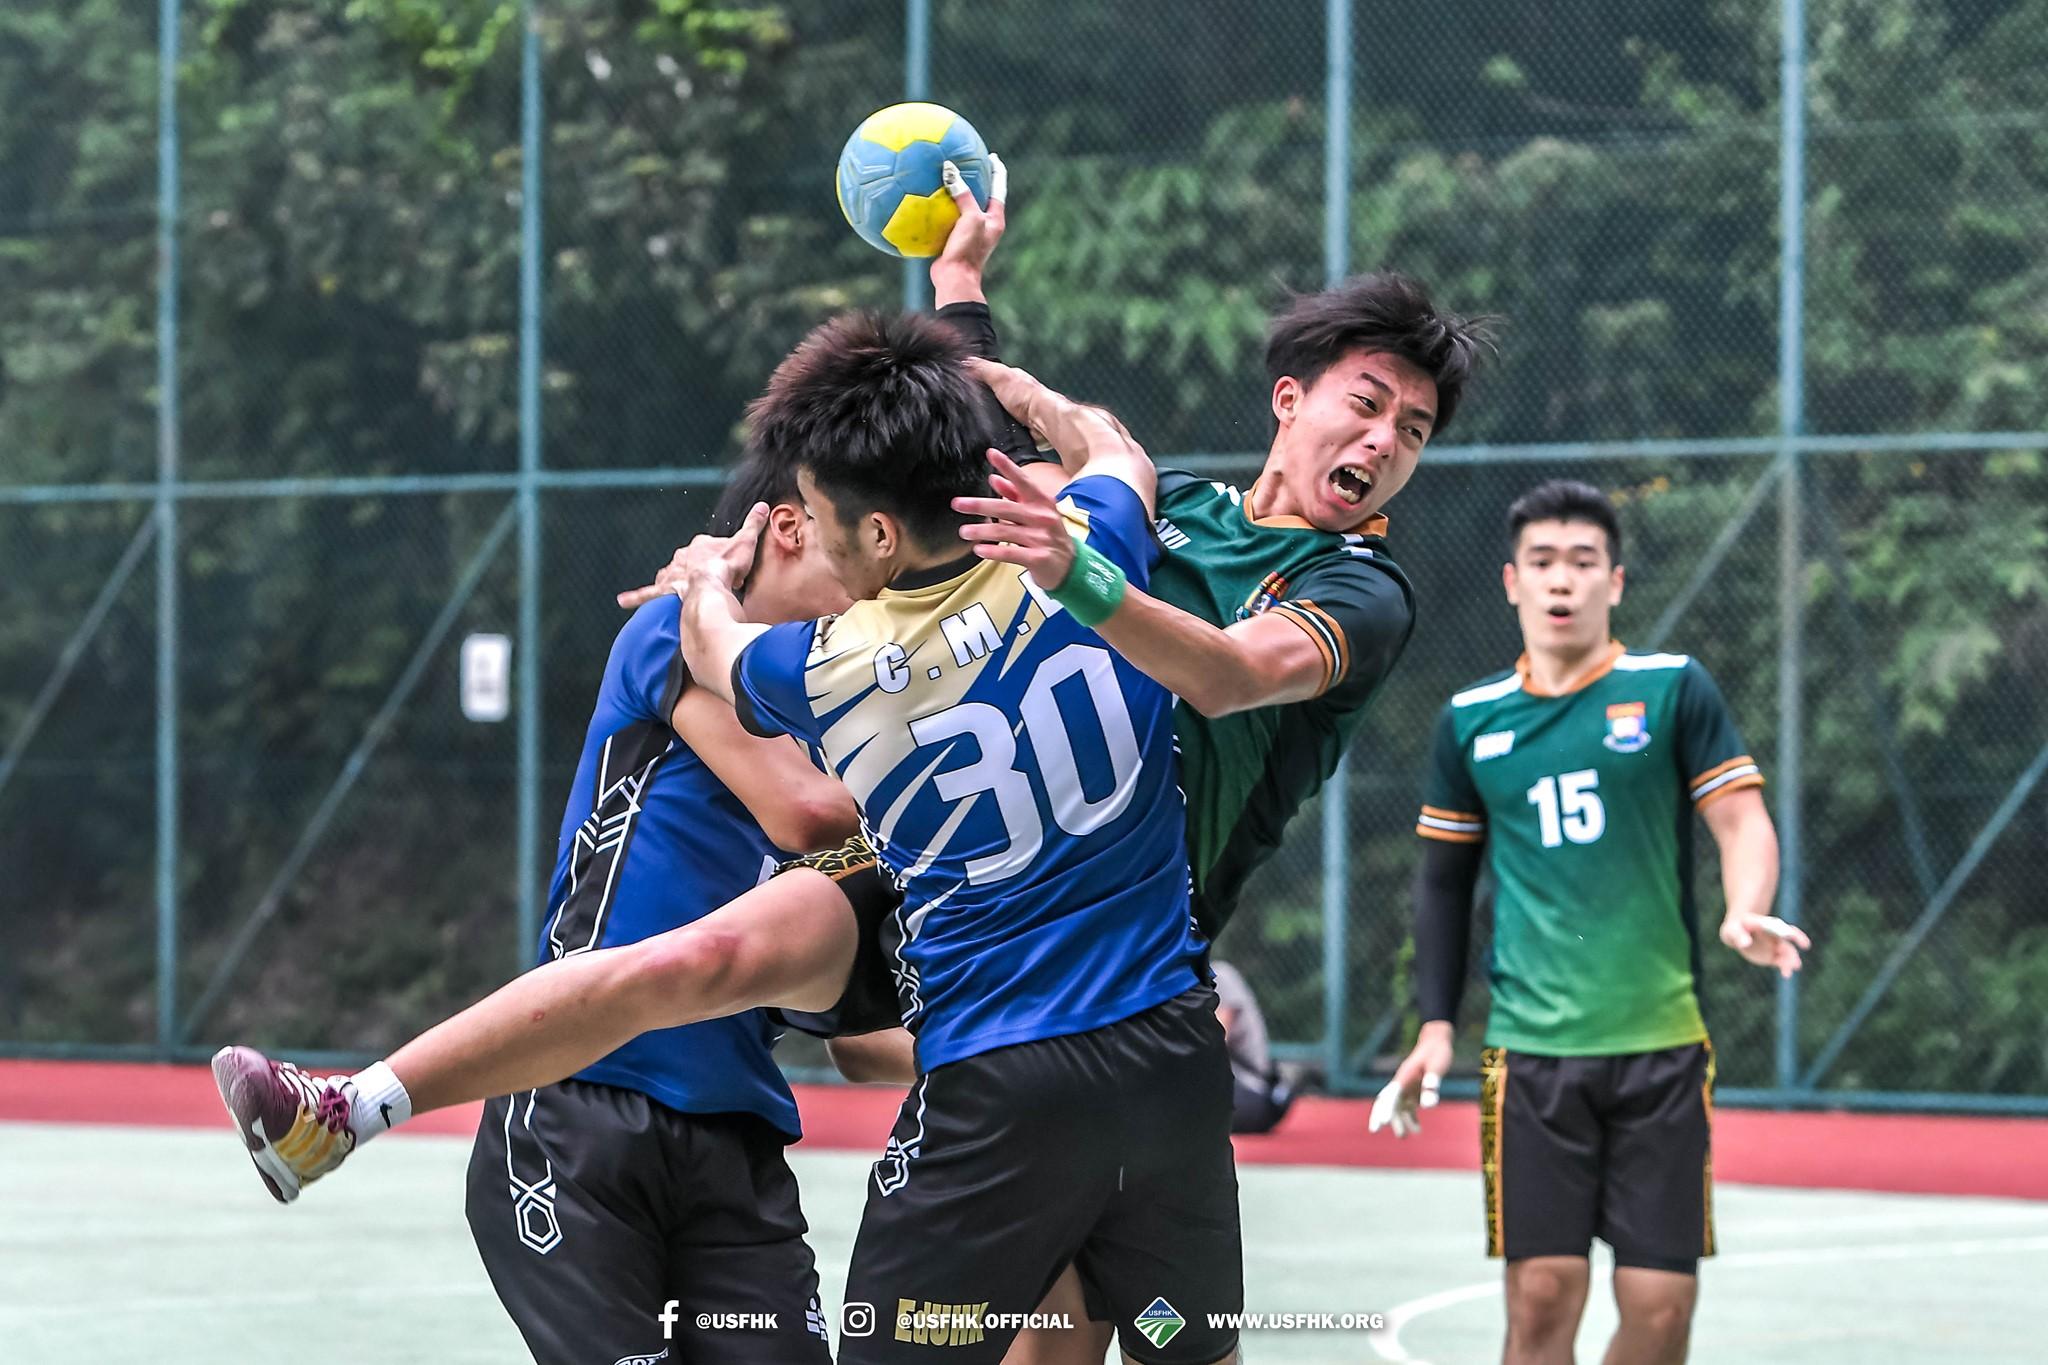 2020-21 手球比賽